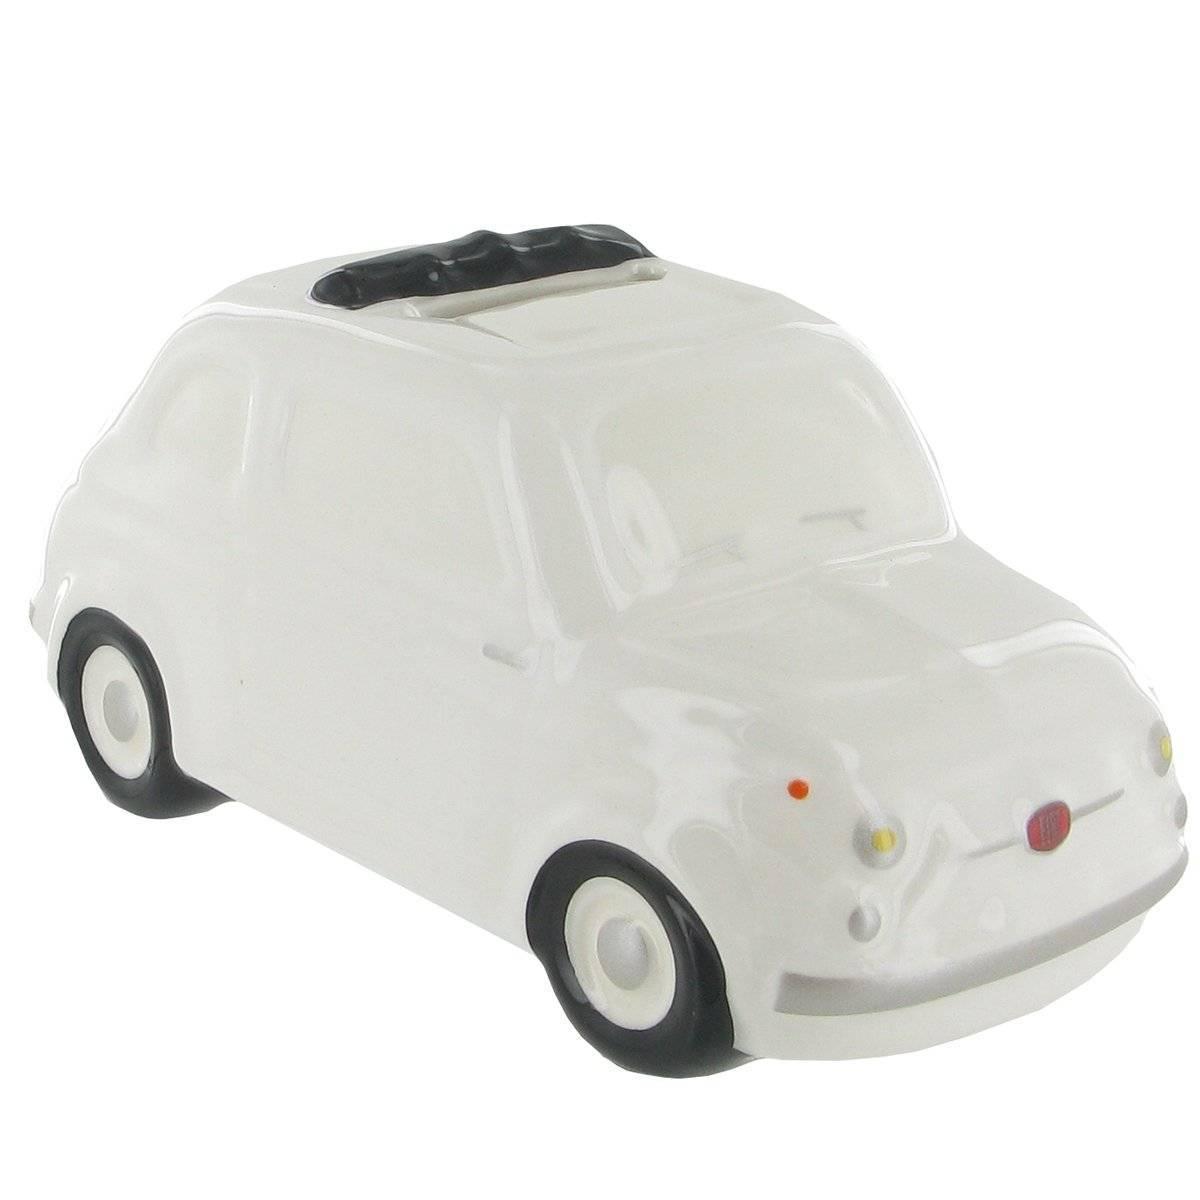 Fiat 500 Tirelire ceramique blanche Petit modéle